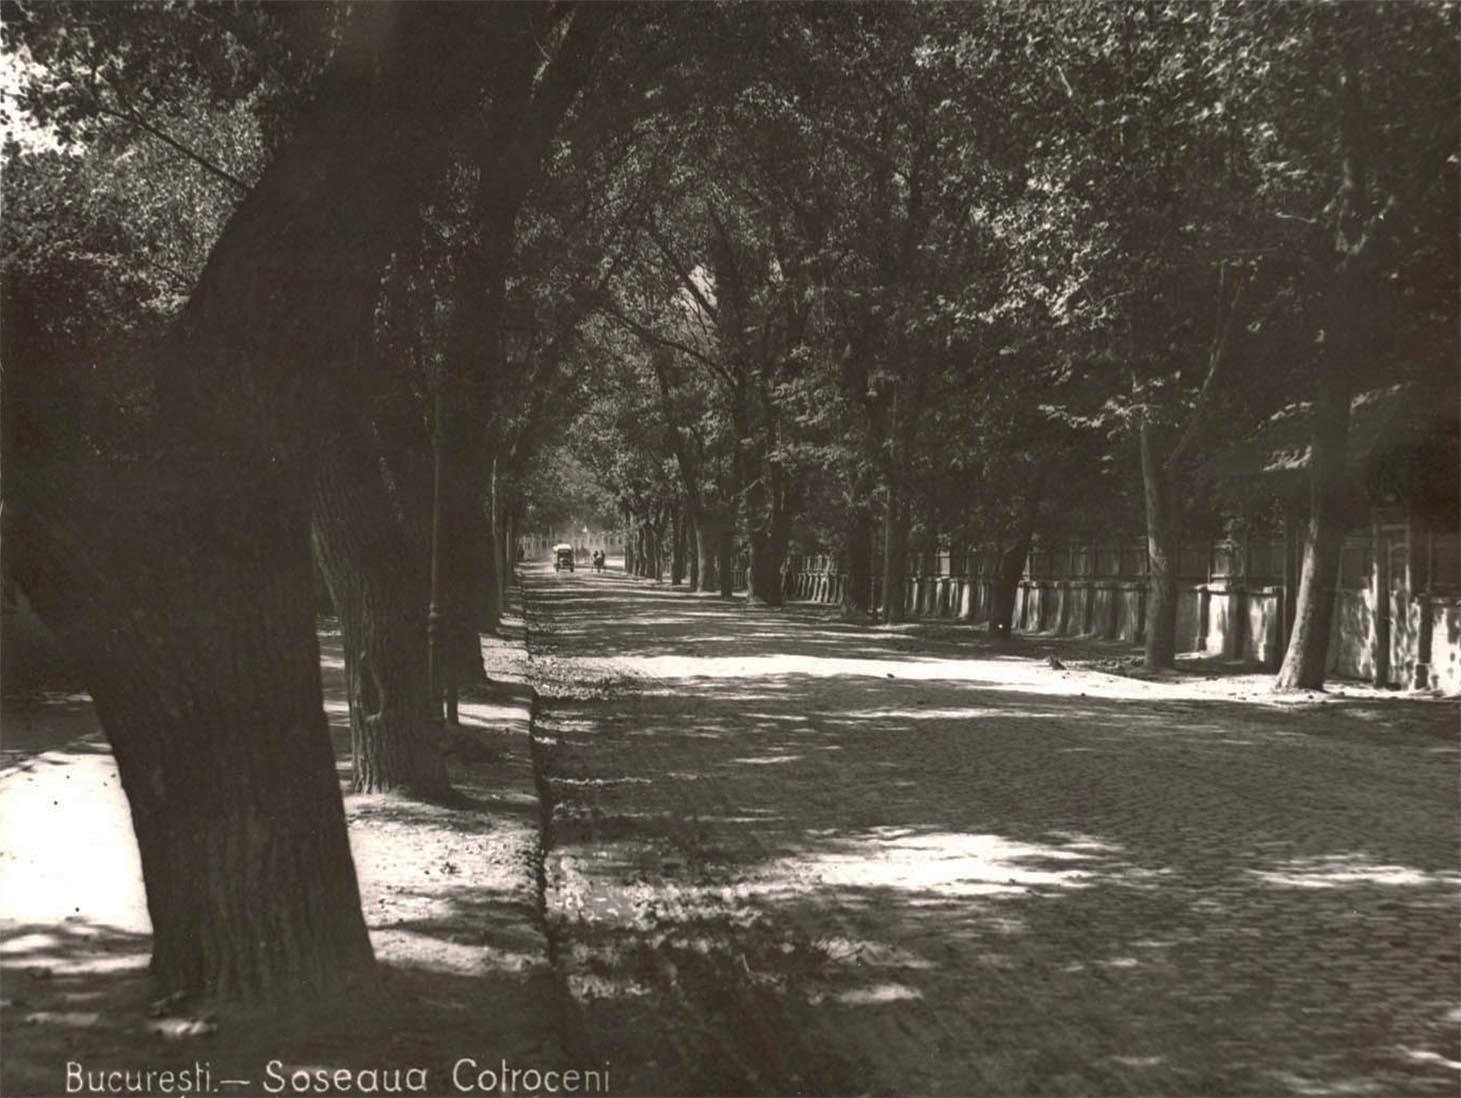 Bucuresti Bucuresci Fotografii imagini poze vechi Şoseaua Cotroceni anul 1922 - fotograf Nicolae Ionescu